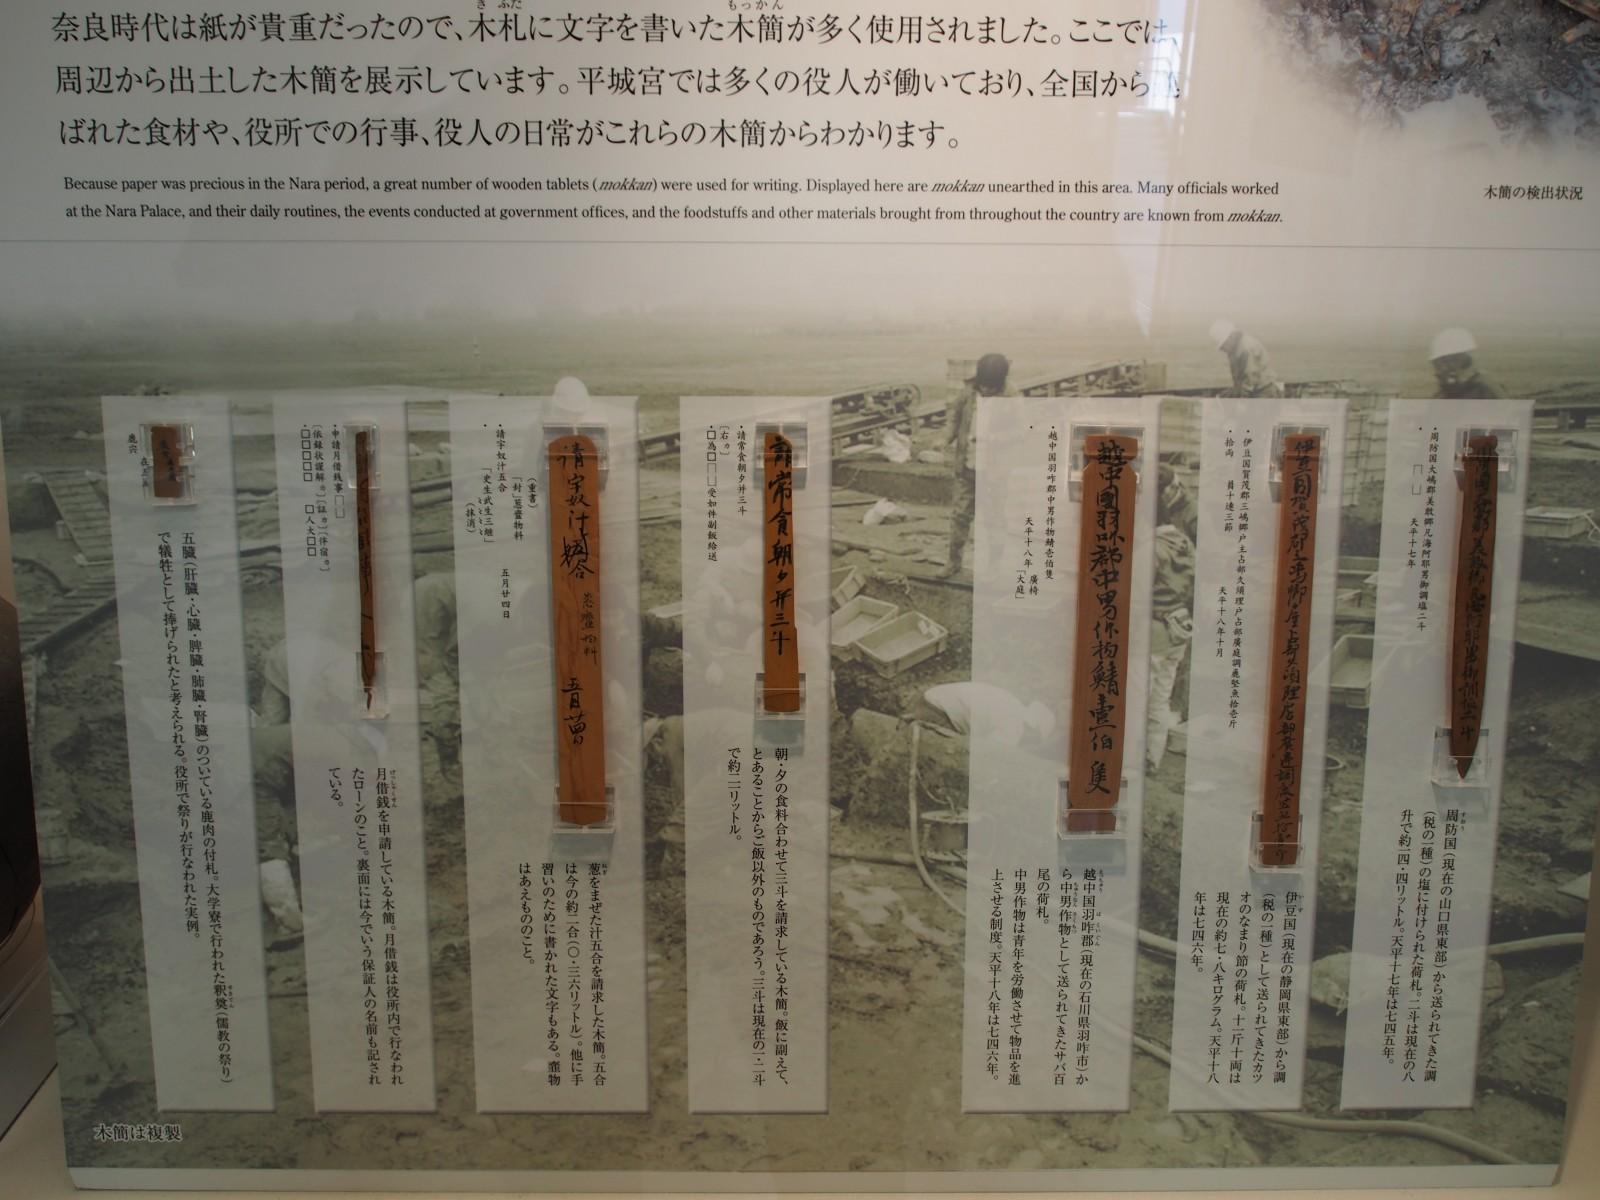 平城宮跡から出土の「木簡」